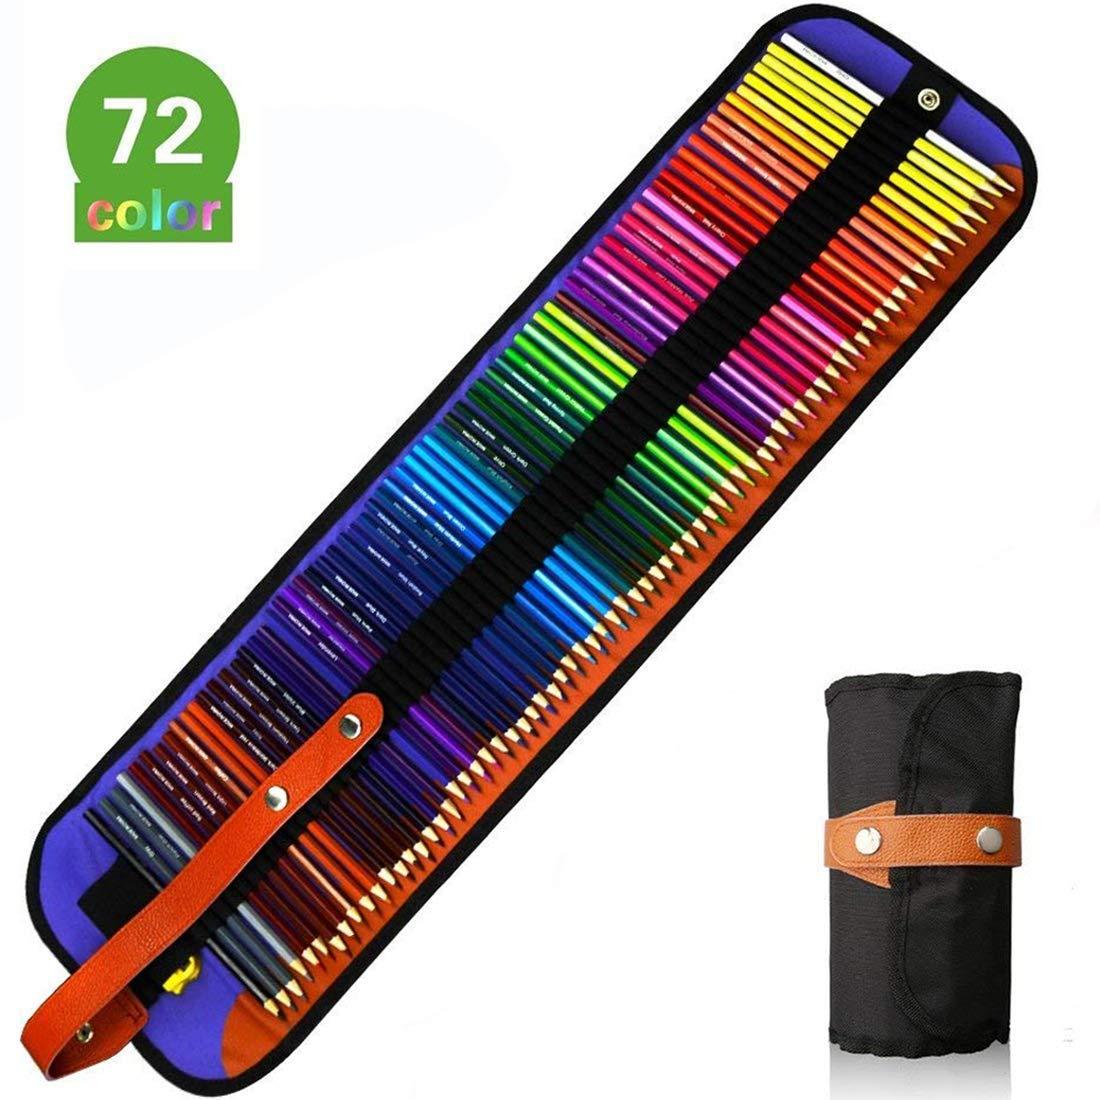 50 lápices de colores A-szcxtop con estuche de lona estilo retro y sacapuntas, varios colores, para colorear, libros de dibujo, dibujar y pintar 72pcs: Amazon.es: Oficina y papelería